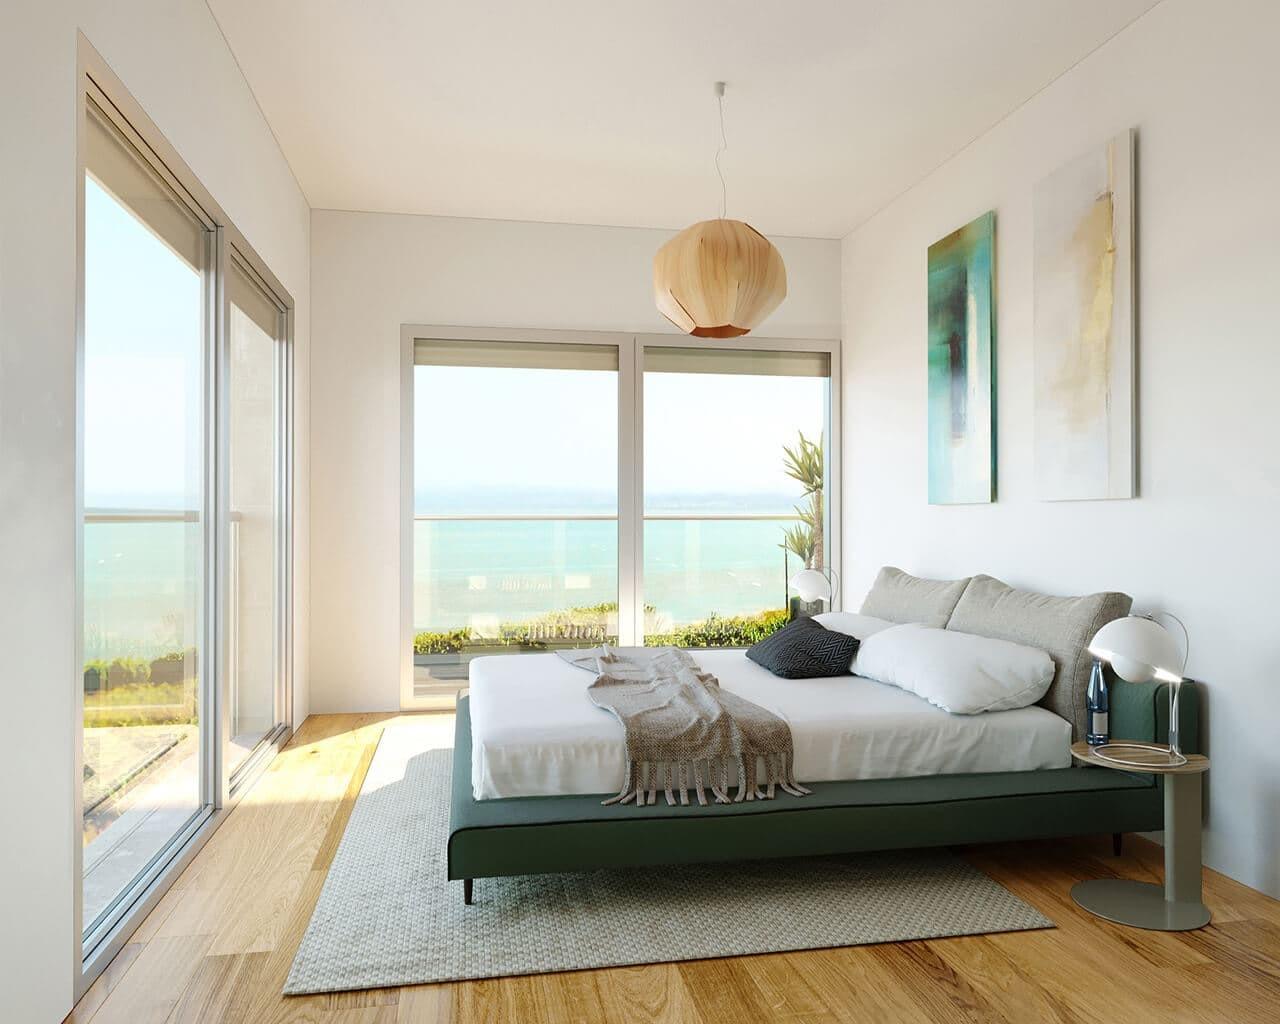 Tagus Bay - Room